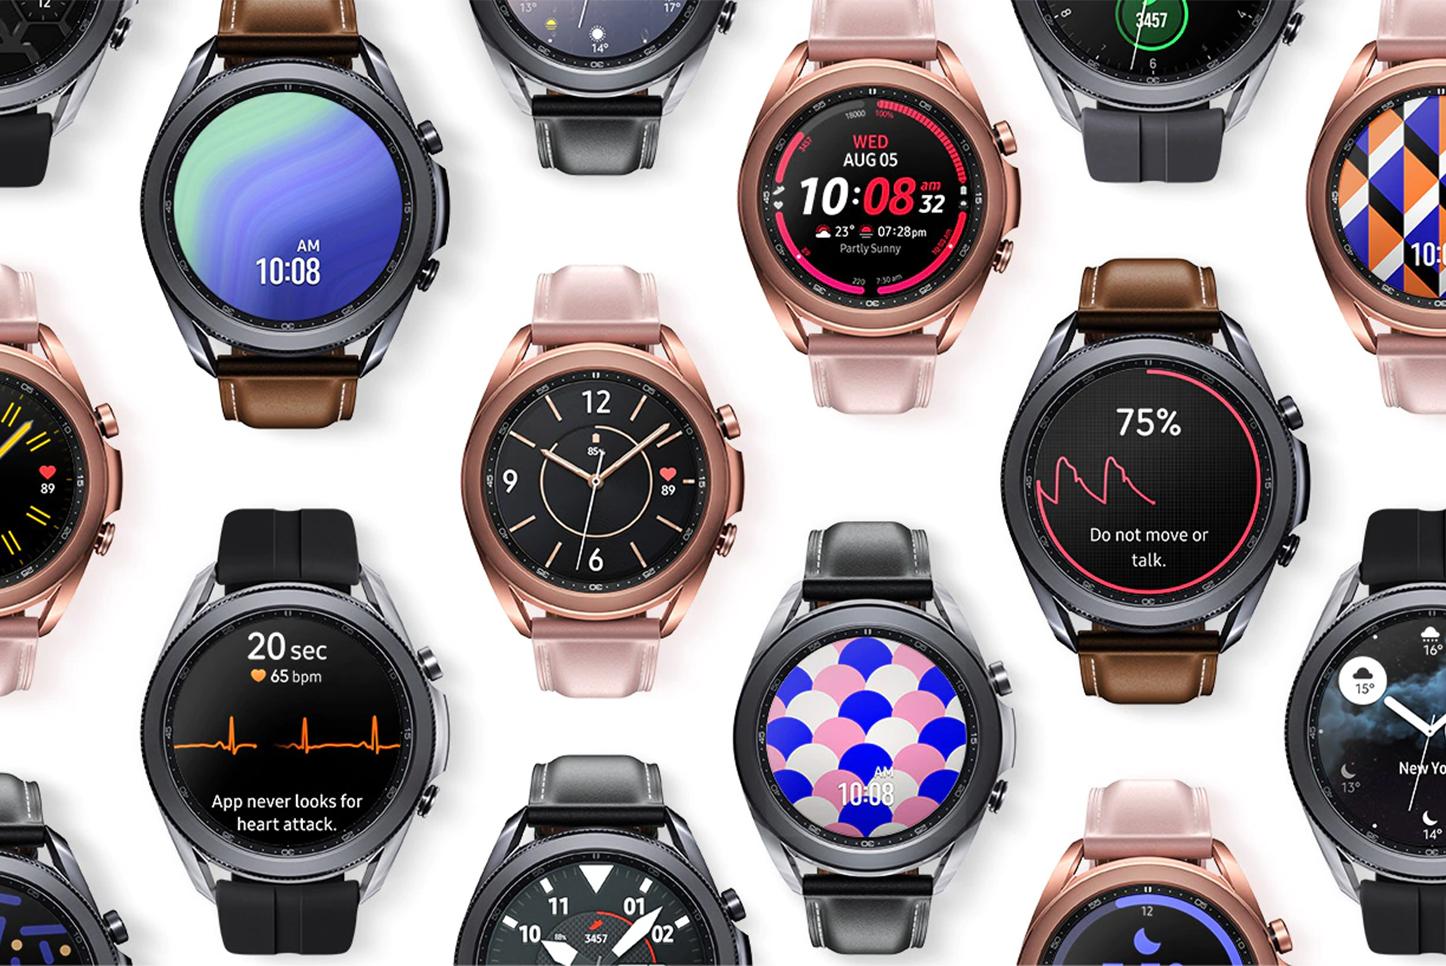 Entscheidungshilfe kompakt – Kaufen Sie die Galaxy Watch3, wenn Sie ...